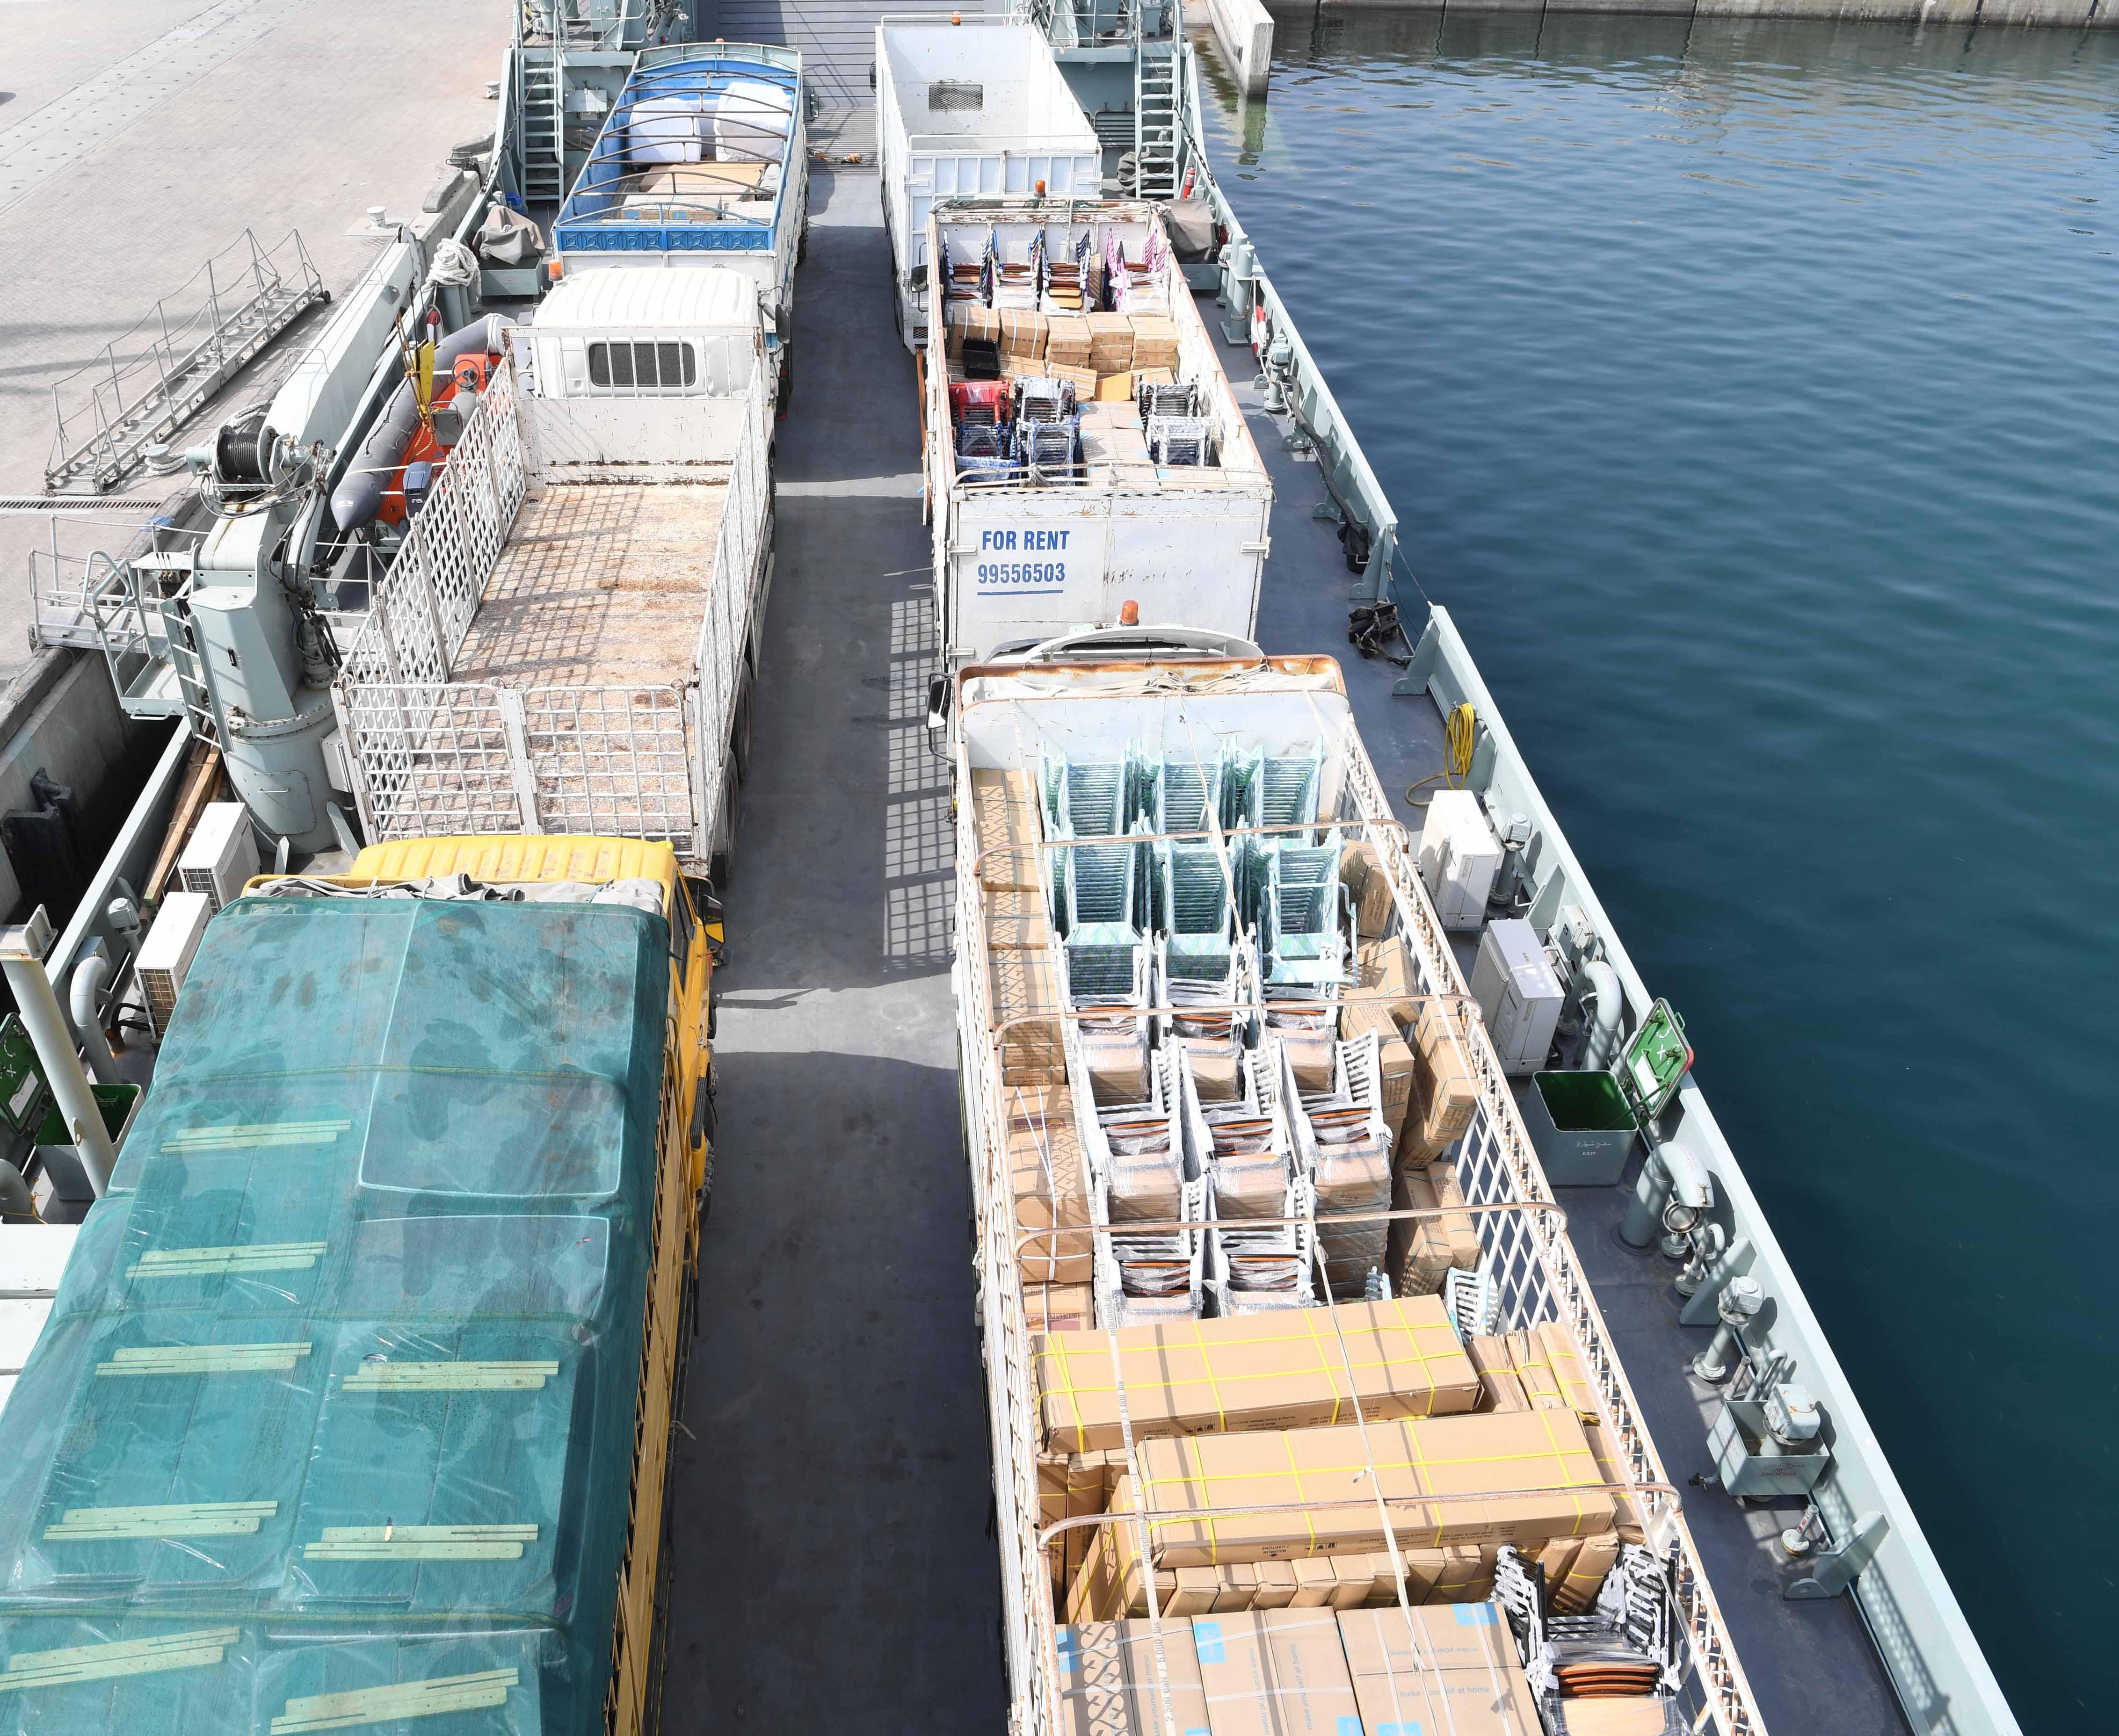 البحرية السلطانية تسيِّر رحلات لنقل المواد الأساسية والاحتياجات الضرورية إلى مسندم